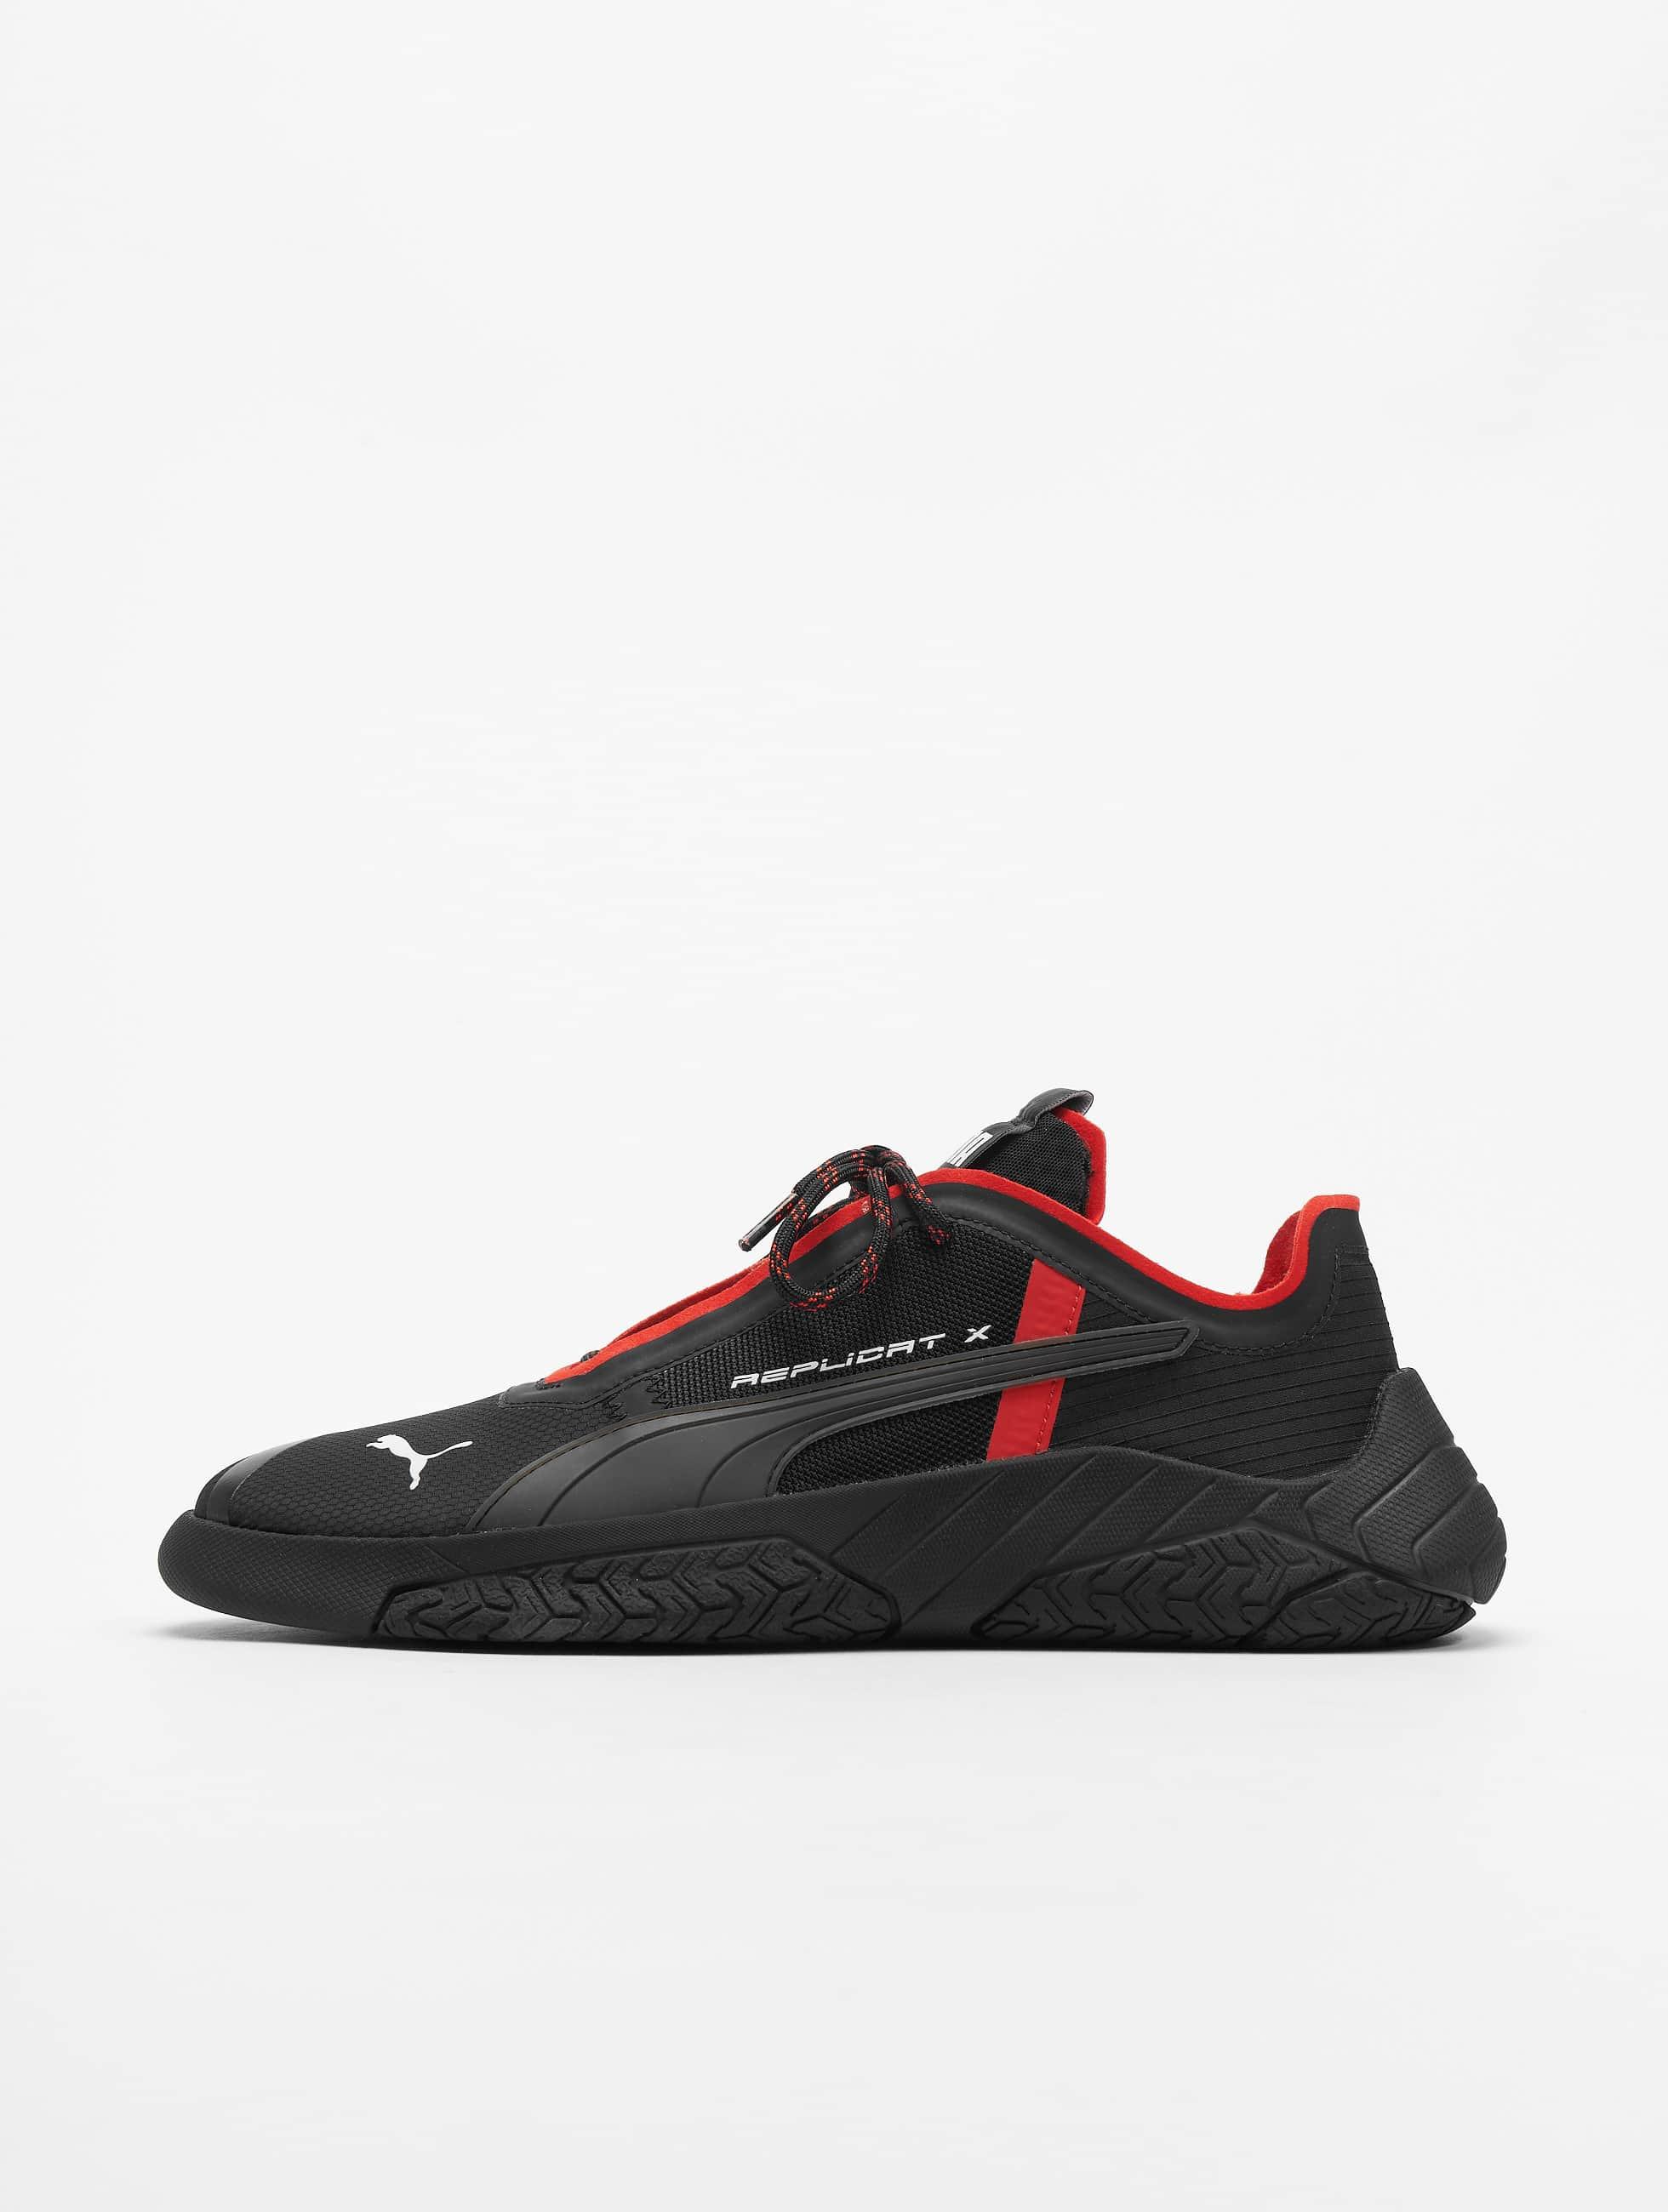 Puma Replicat-X Circuit Sneakers Puma Black/Puma Red